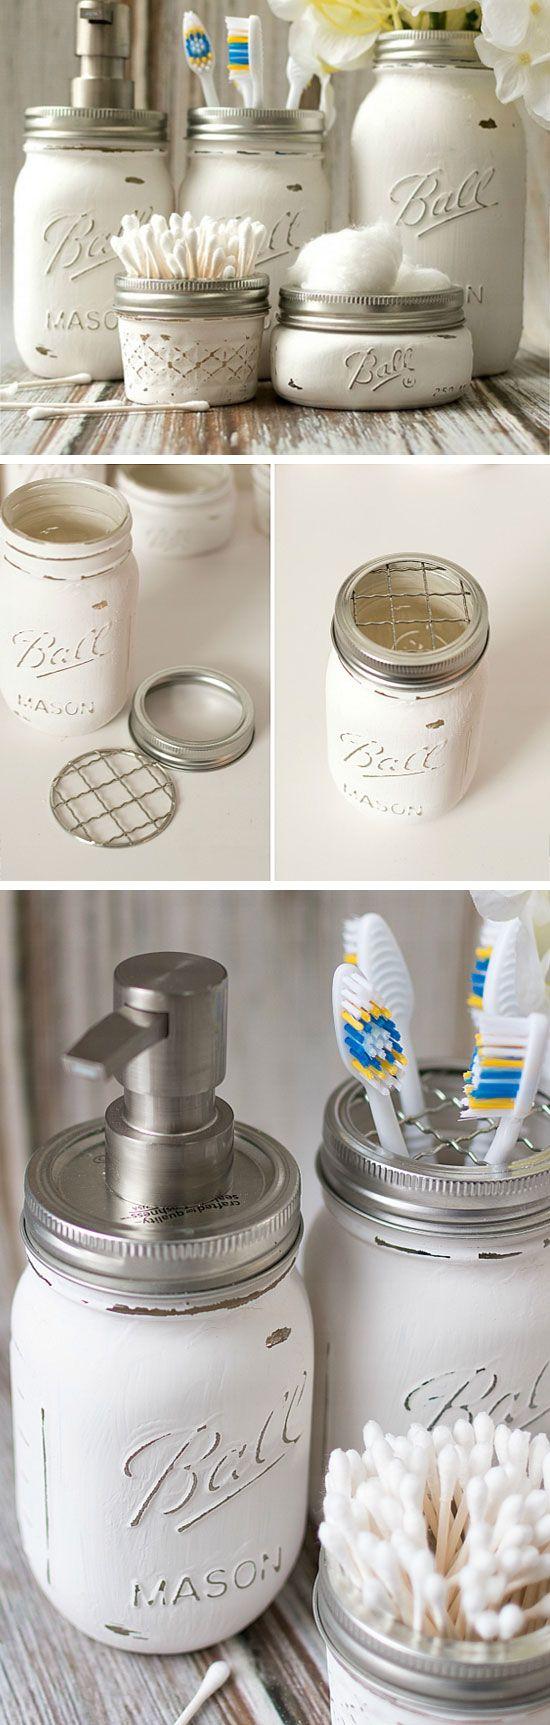 Mason Jar Bathroom Storage & Accessories | Dollar Store Organizing Ideas for Bathrooms